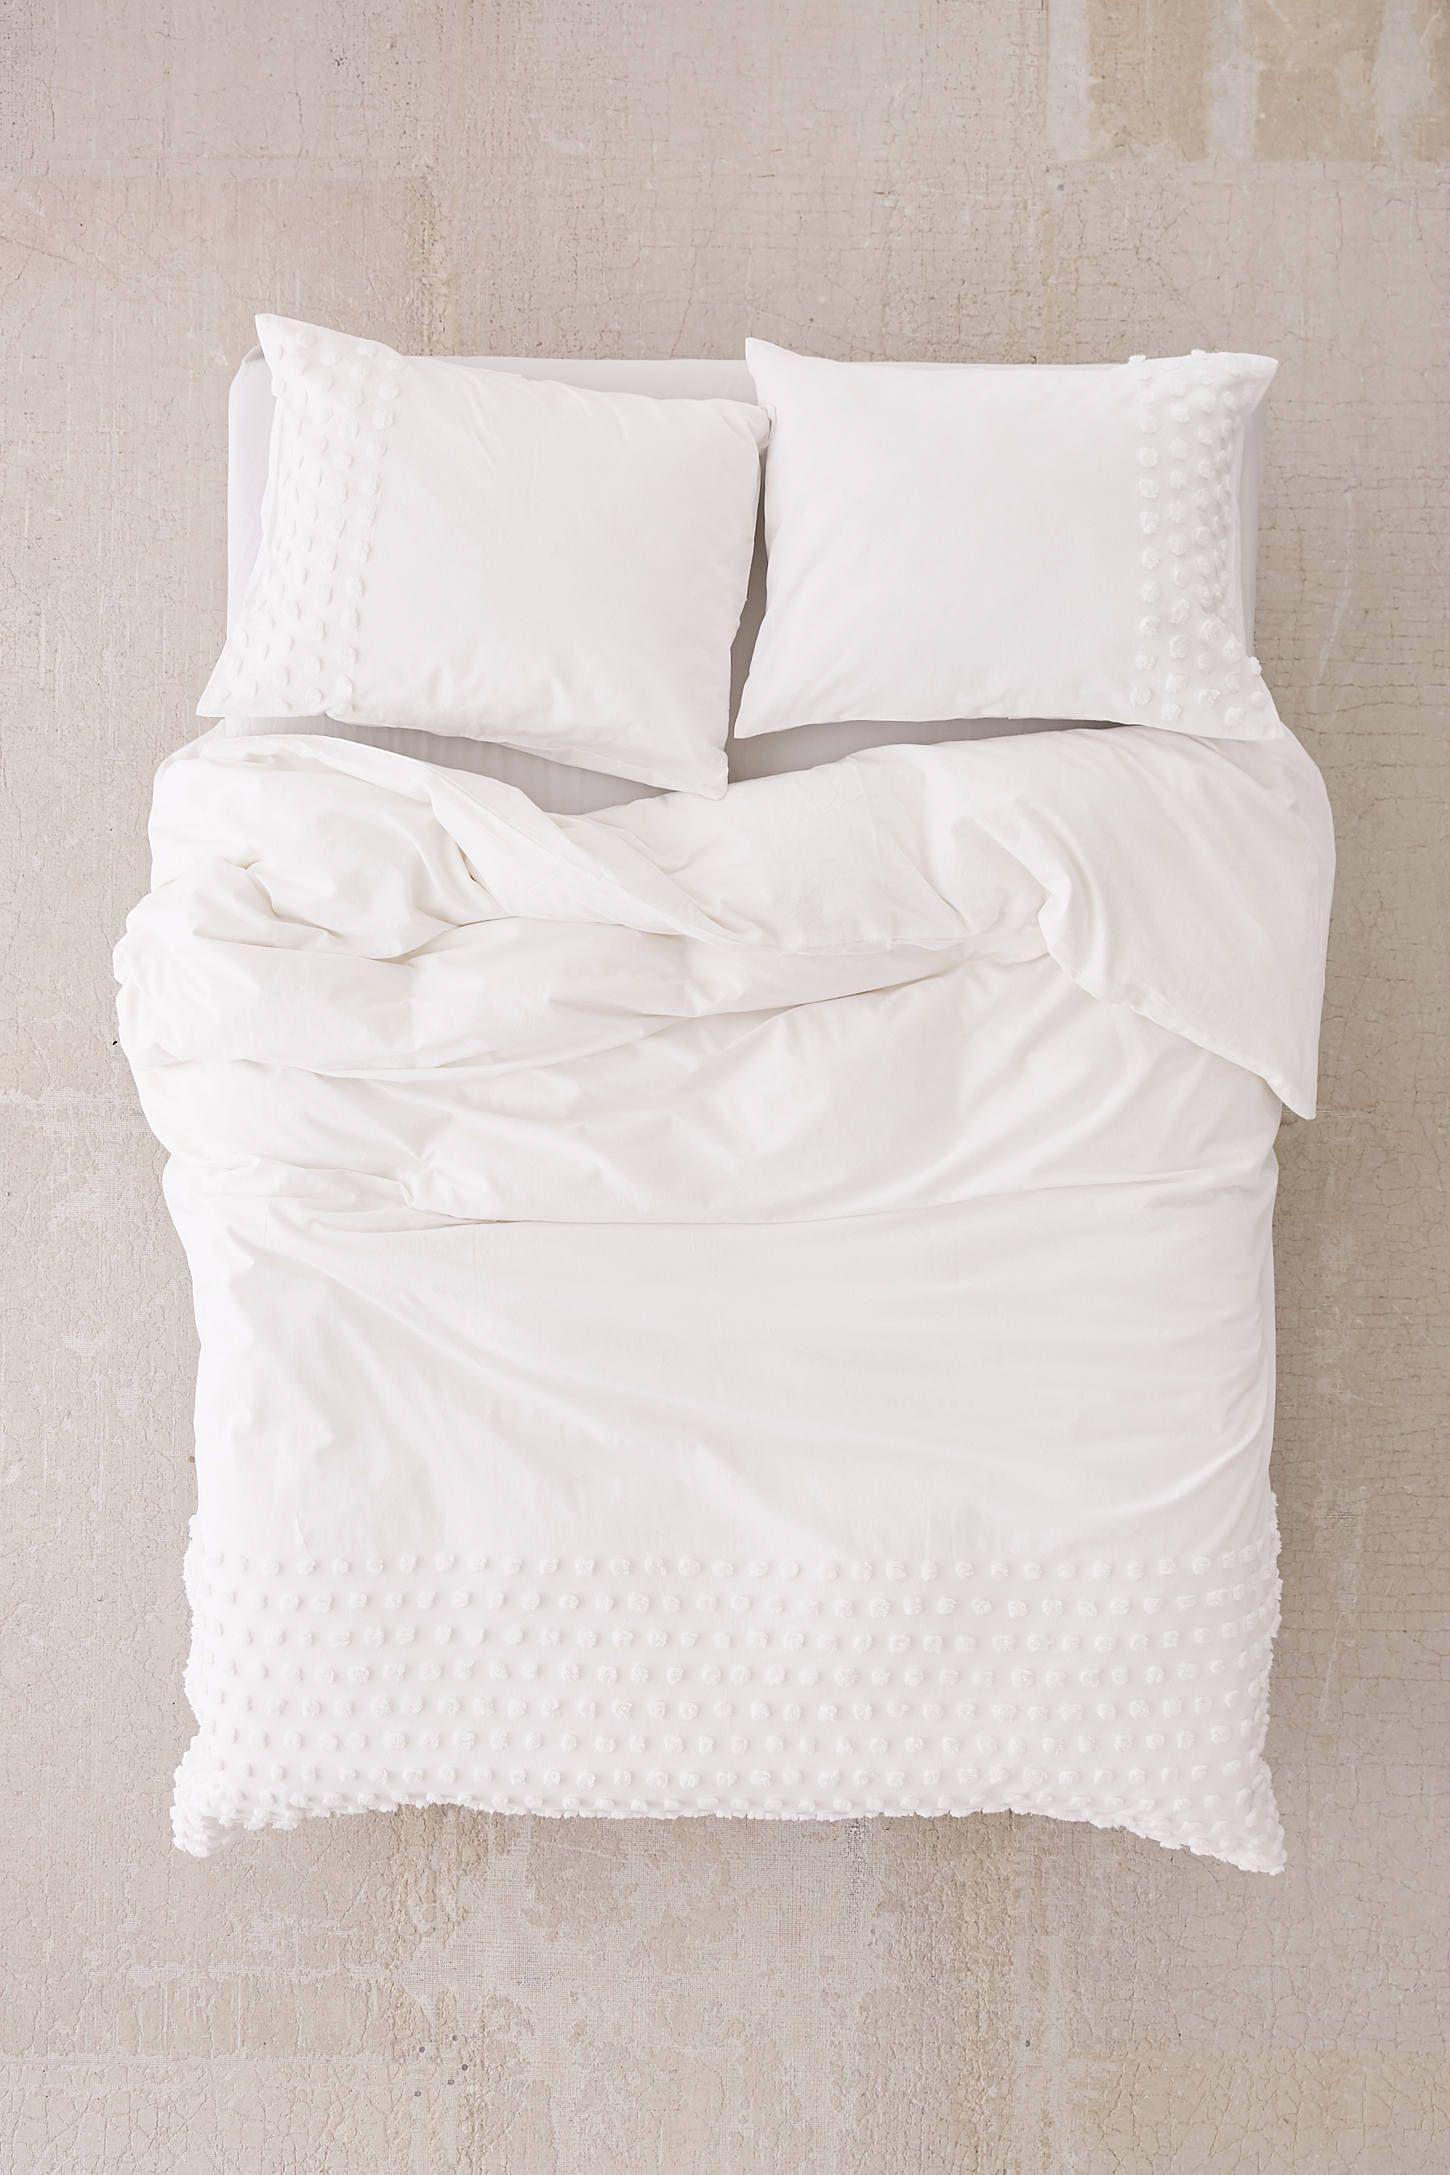 Tufted Dot Duvet Cover Luxury Duvet Covers Duvet Bedding White